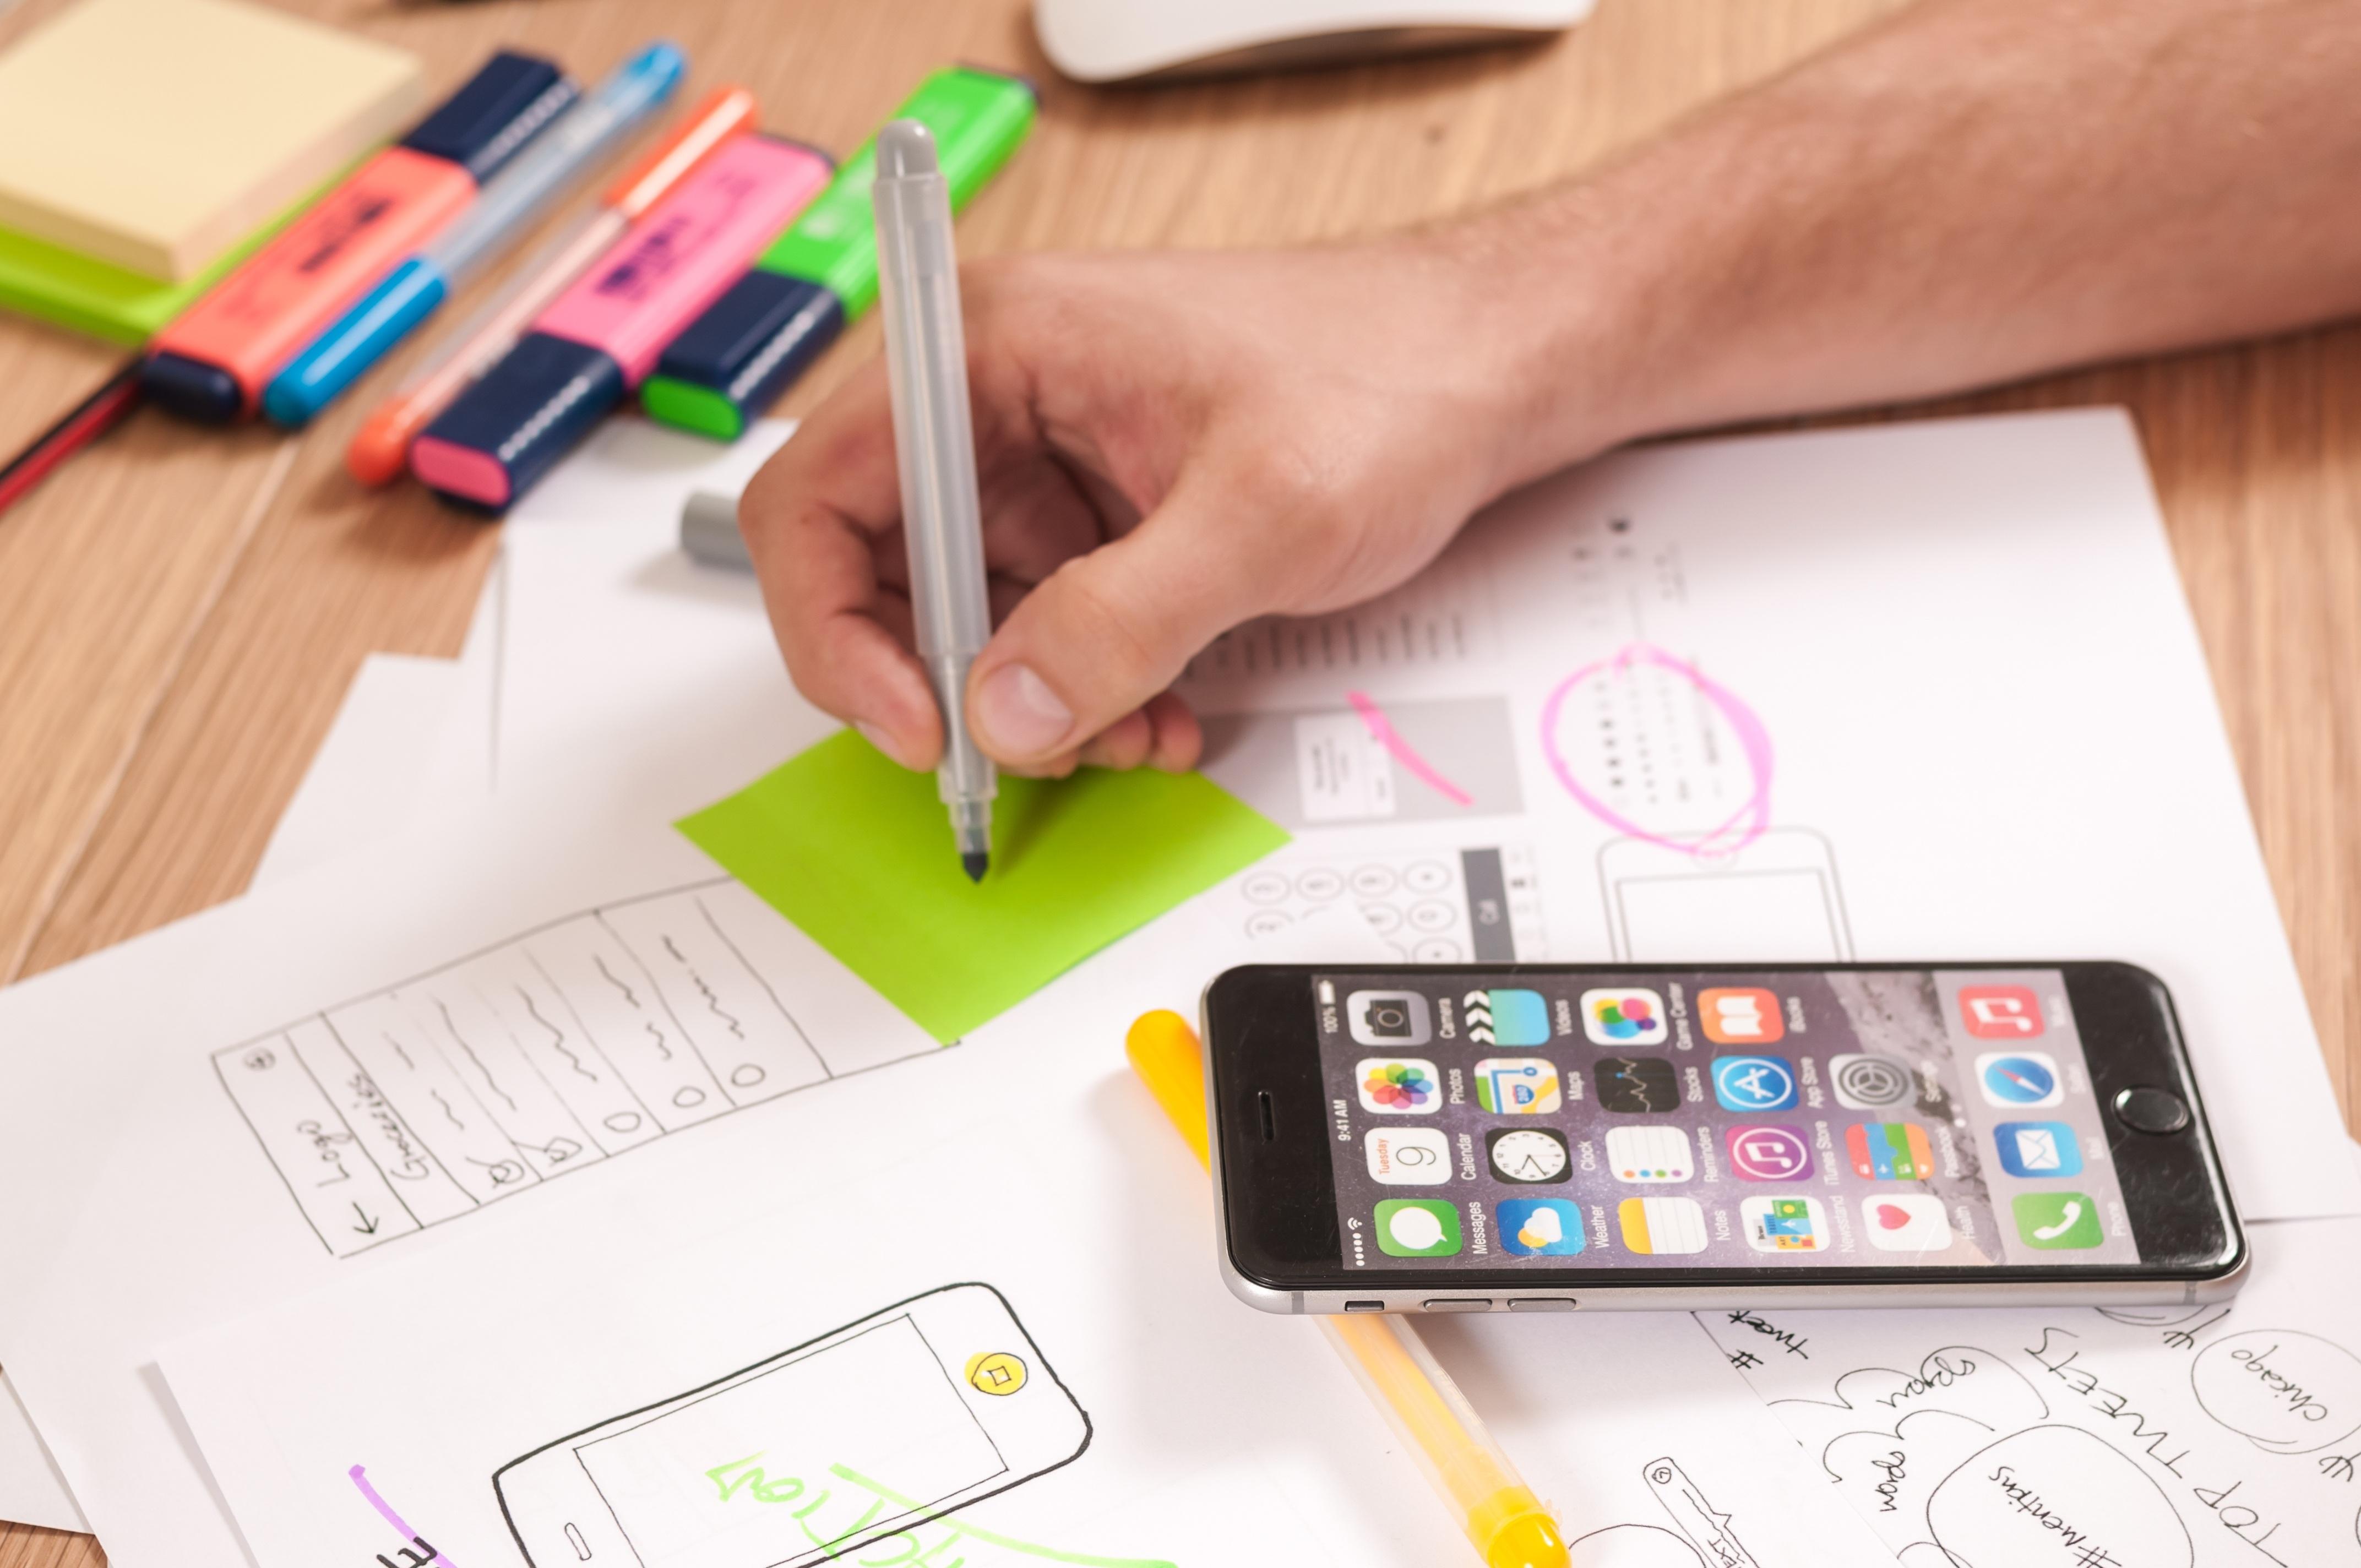 UI | UX | Web Design